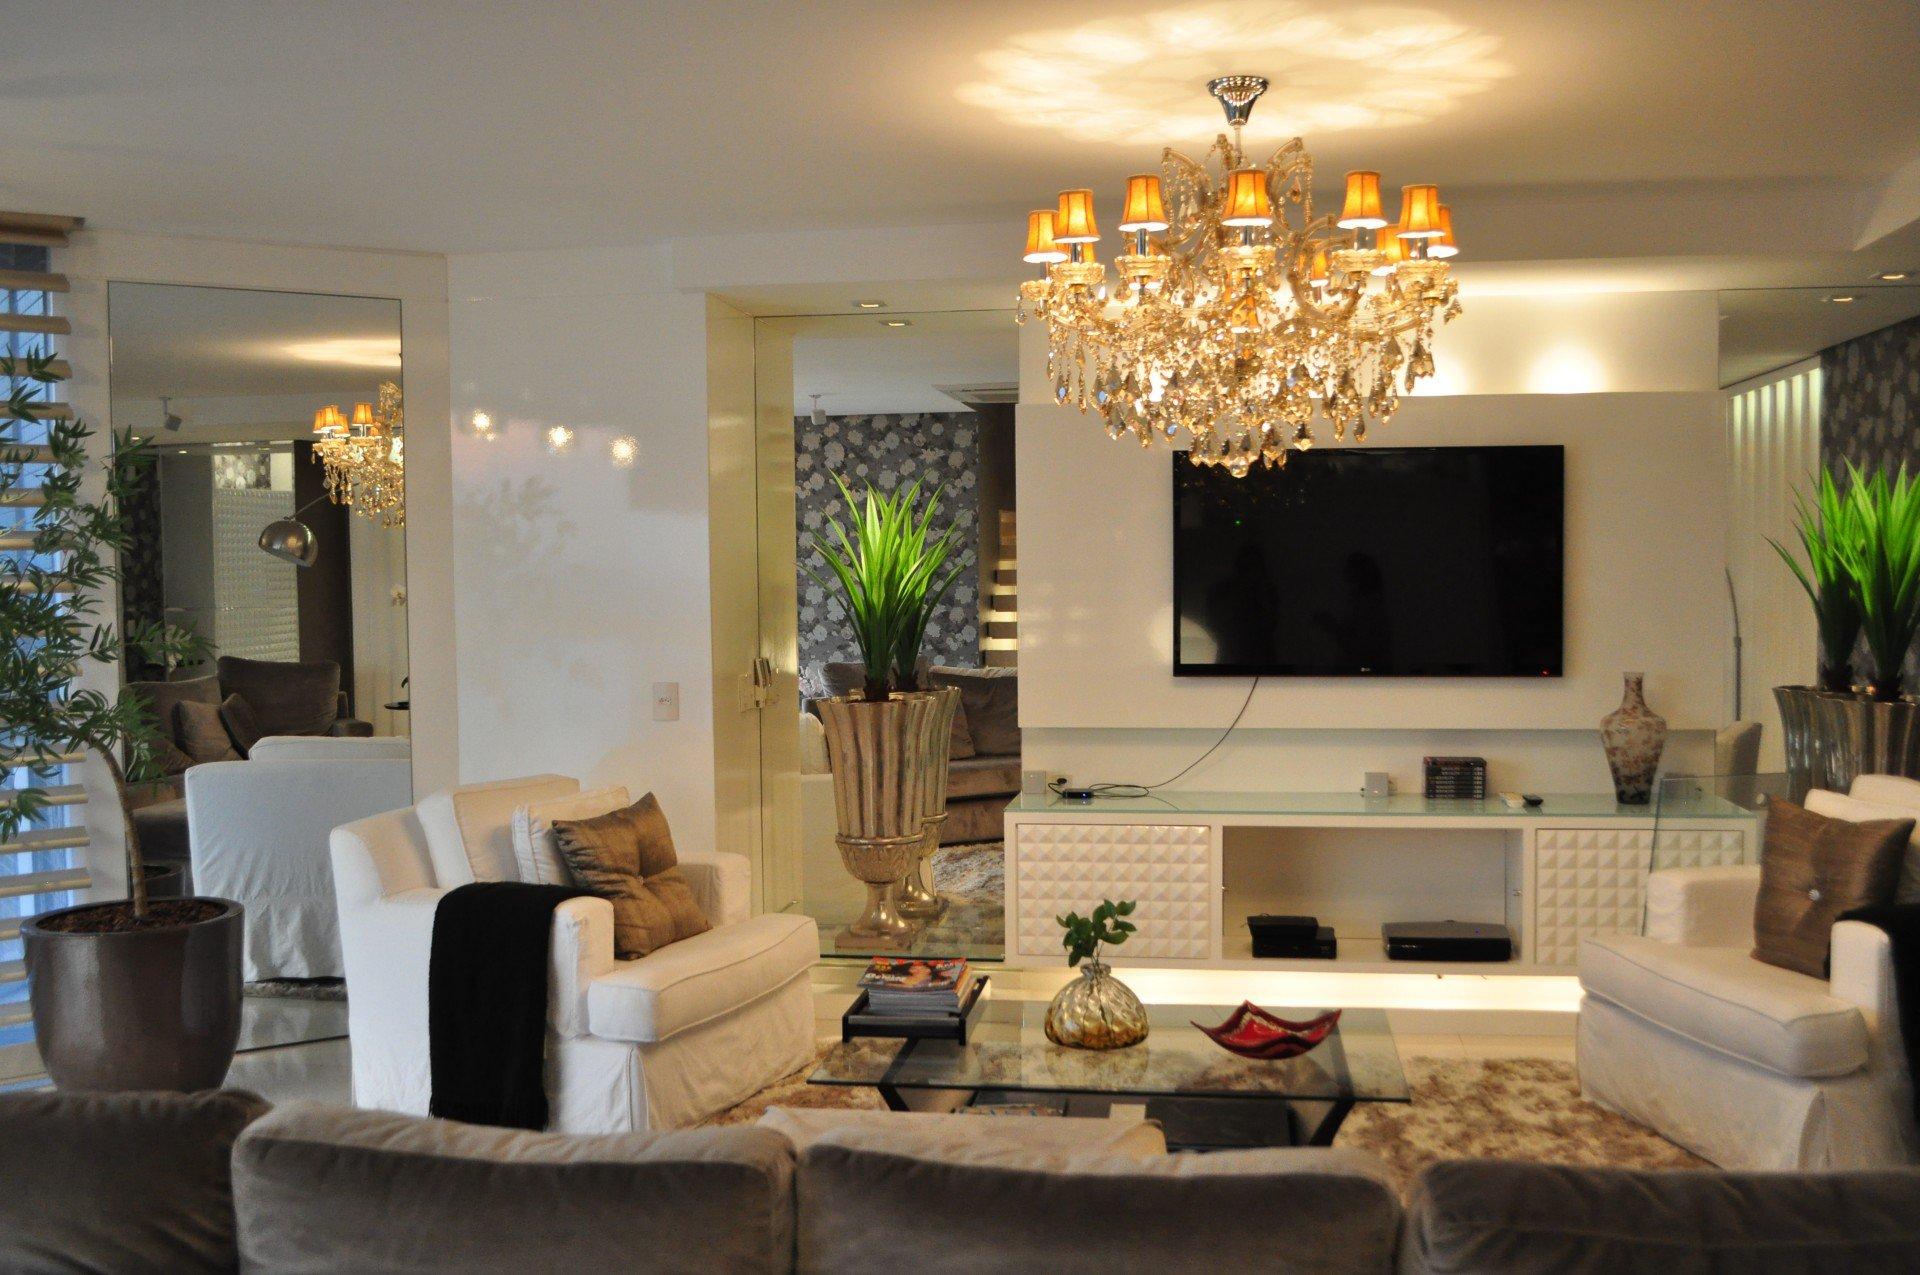 Arquitetos Uniram Apartamento E Cobertura Em S O Leopoldo Veja Como  -> Luminarias De Parede Para Sala De Estar